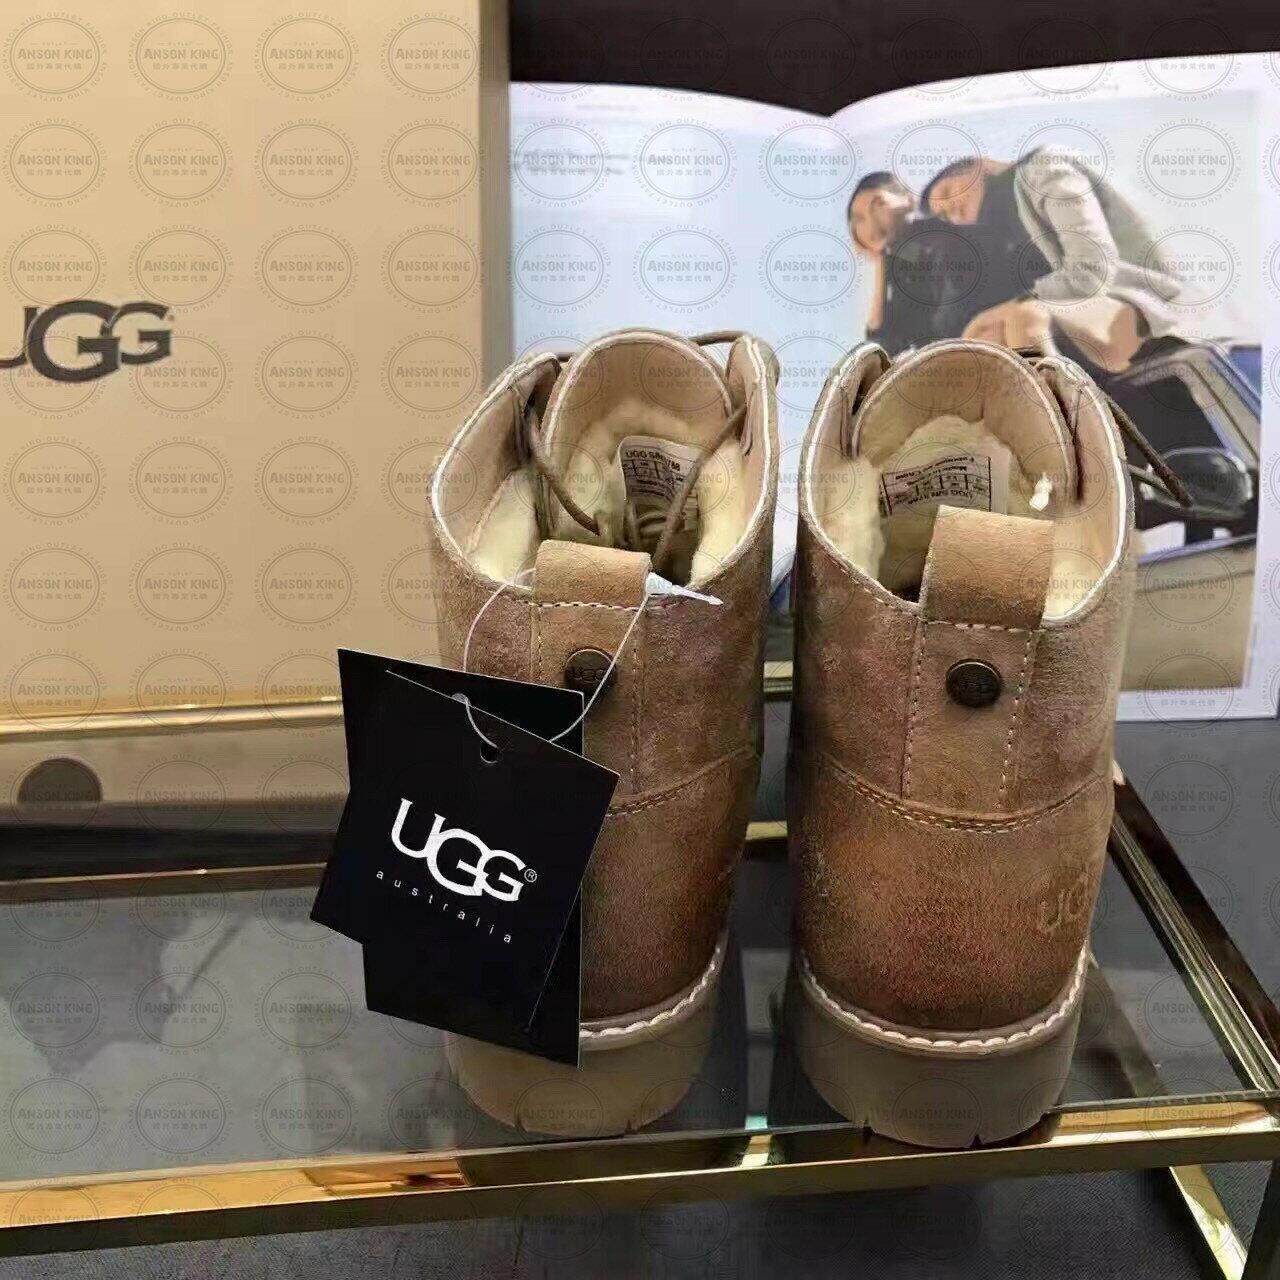 OUTLET正品代購 澳洲 UGG 女款加厚磨砂面 馬汀靴 中長靴 保暖 真皮羊皮毛 雪靴 短靴 駝色 1